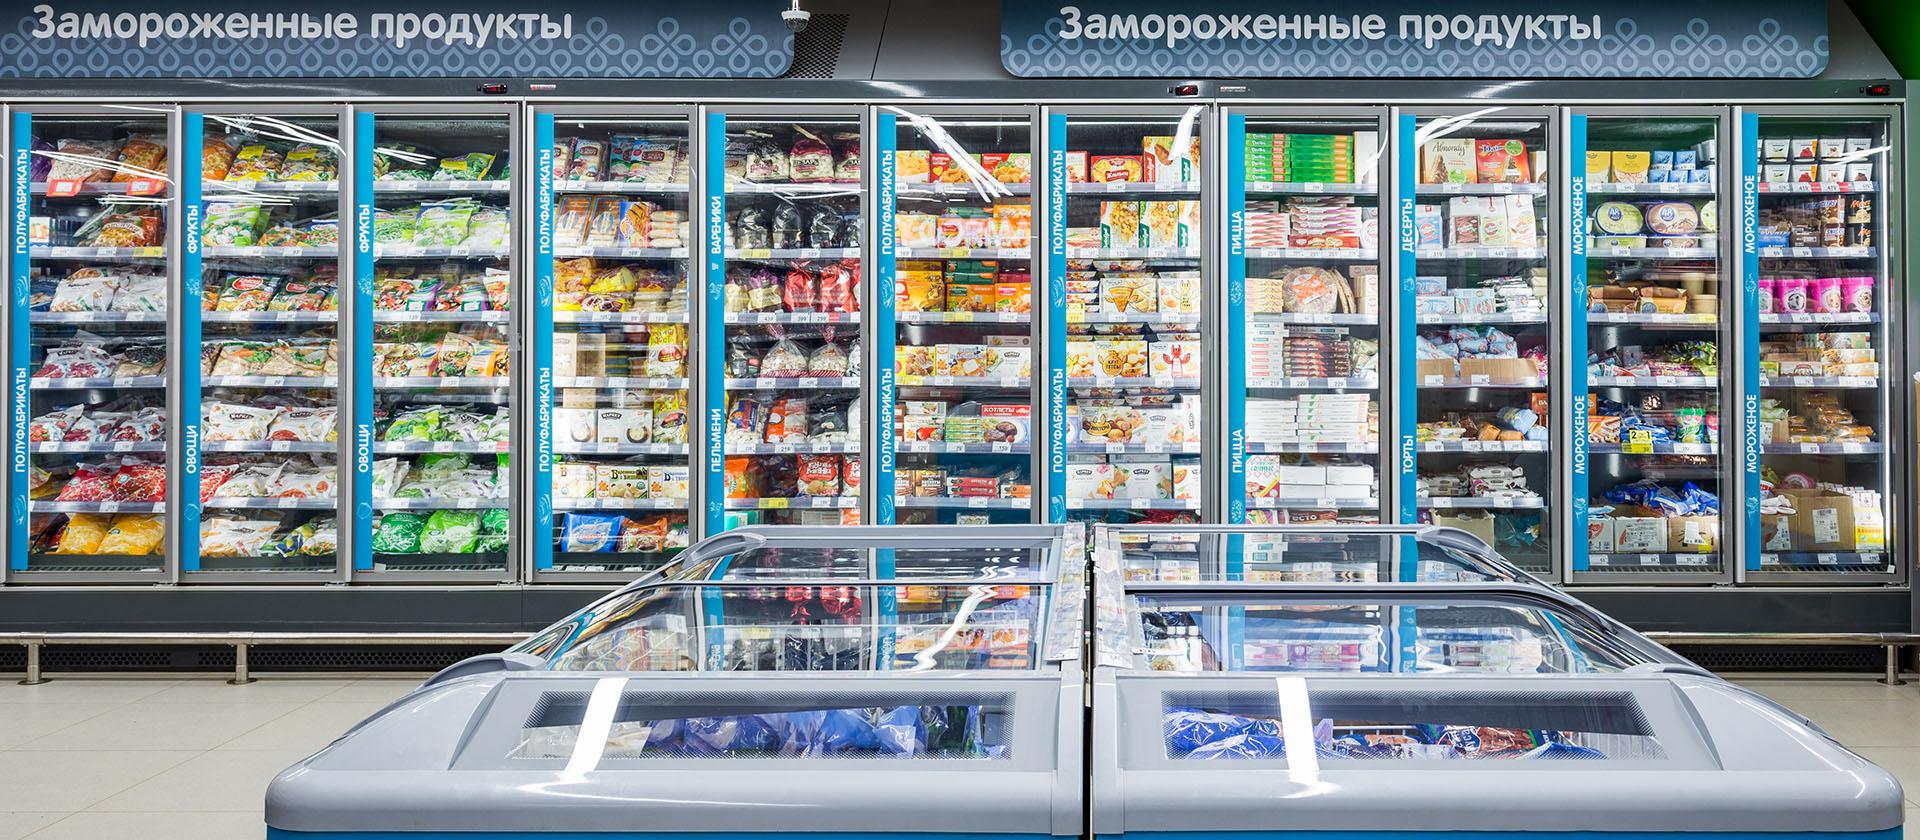 Торговые заведения, реализующие замороженную продукцию, овощи, плоды, полуфабрикаты и т.п.